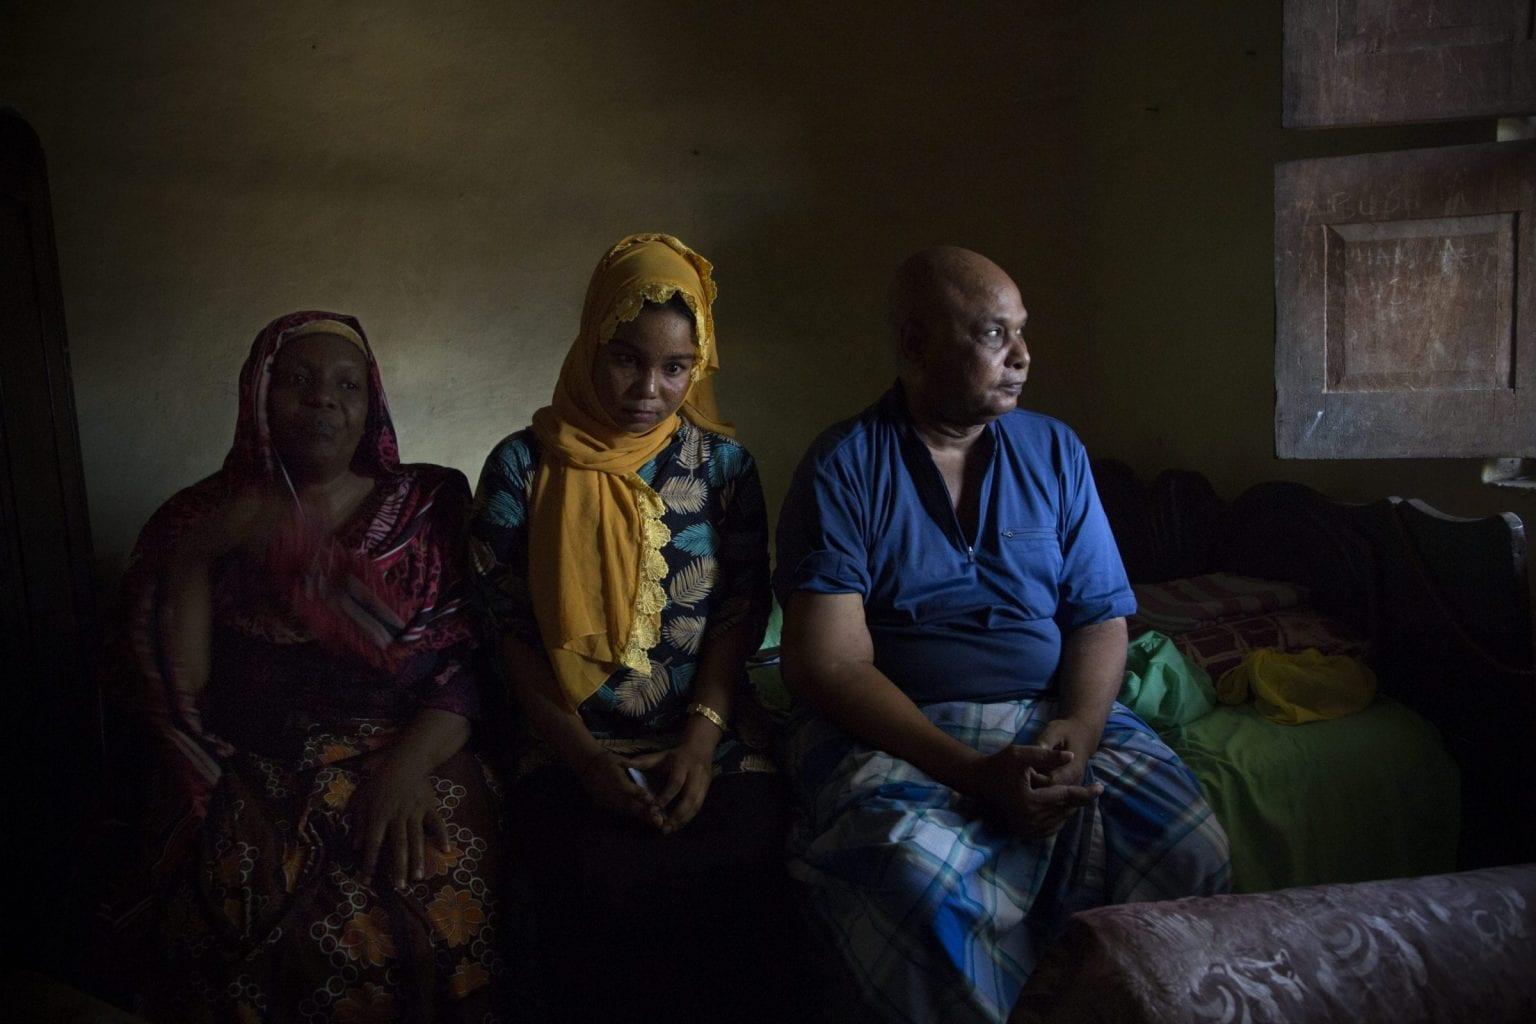 Familien venter stadig på, at Hussein Abush får egentlig behandling af den knuste arm og det knuste ben. Ulykken skete for fem år siden. Hussein er i dag kørestolsbruger, og han har aldrig fået kompensation. Foto: Linda Bournane Engelberth